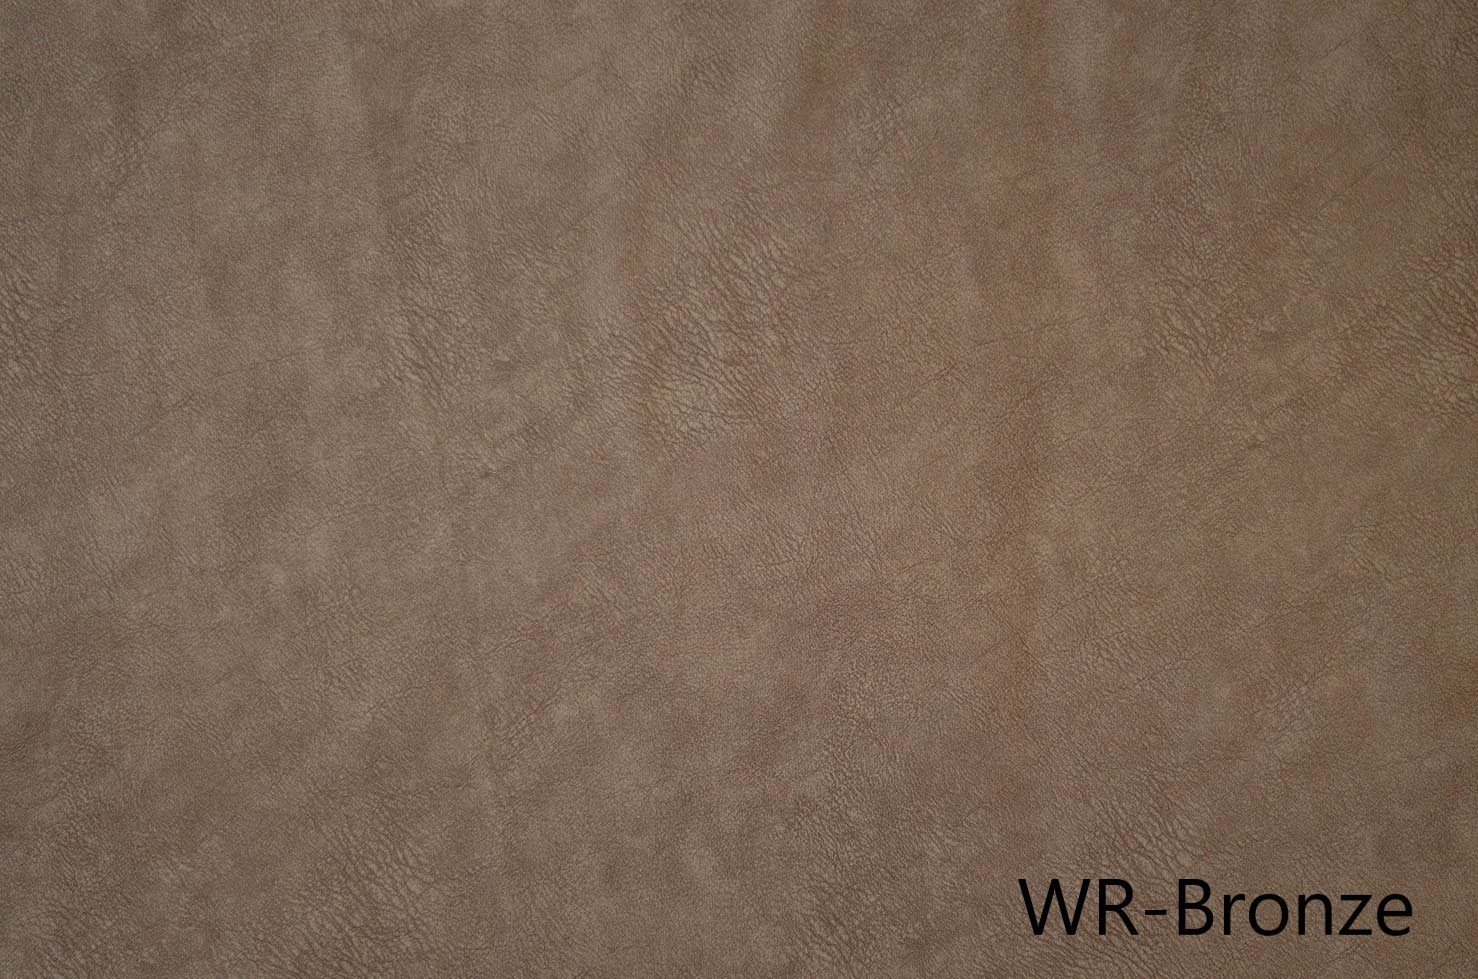 WR-Bronze